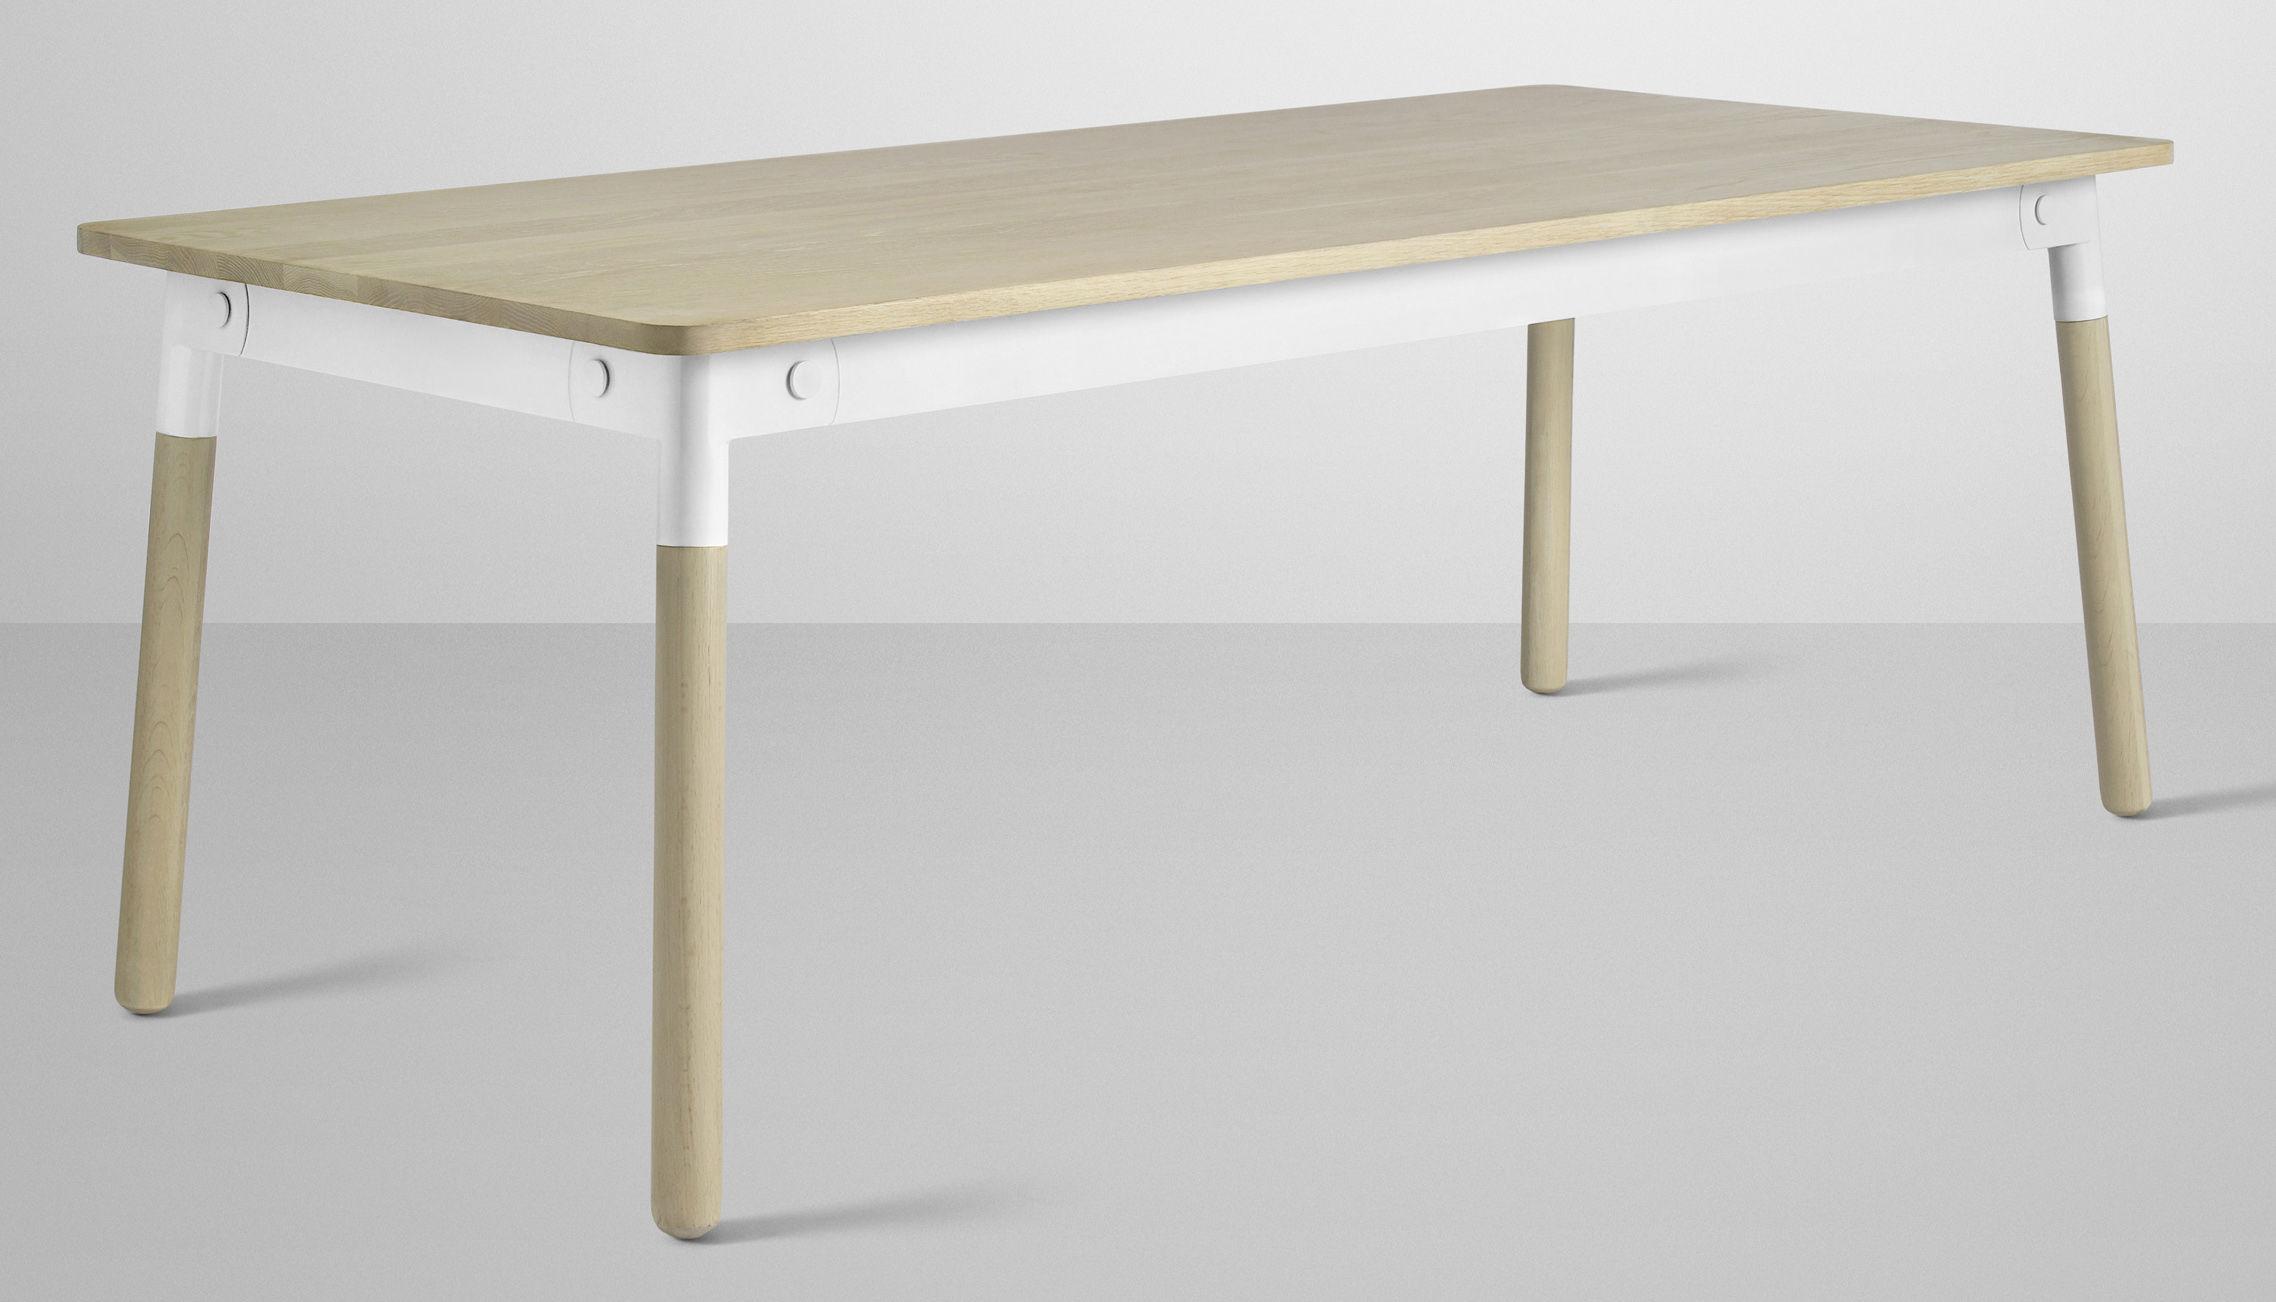 Table adaptable noir 200 x 90 cm noir jonction for Table 9a of gstr 1